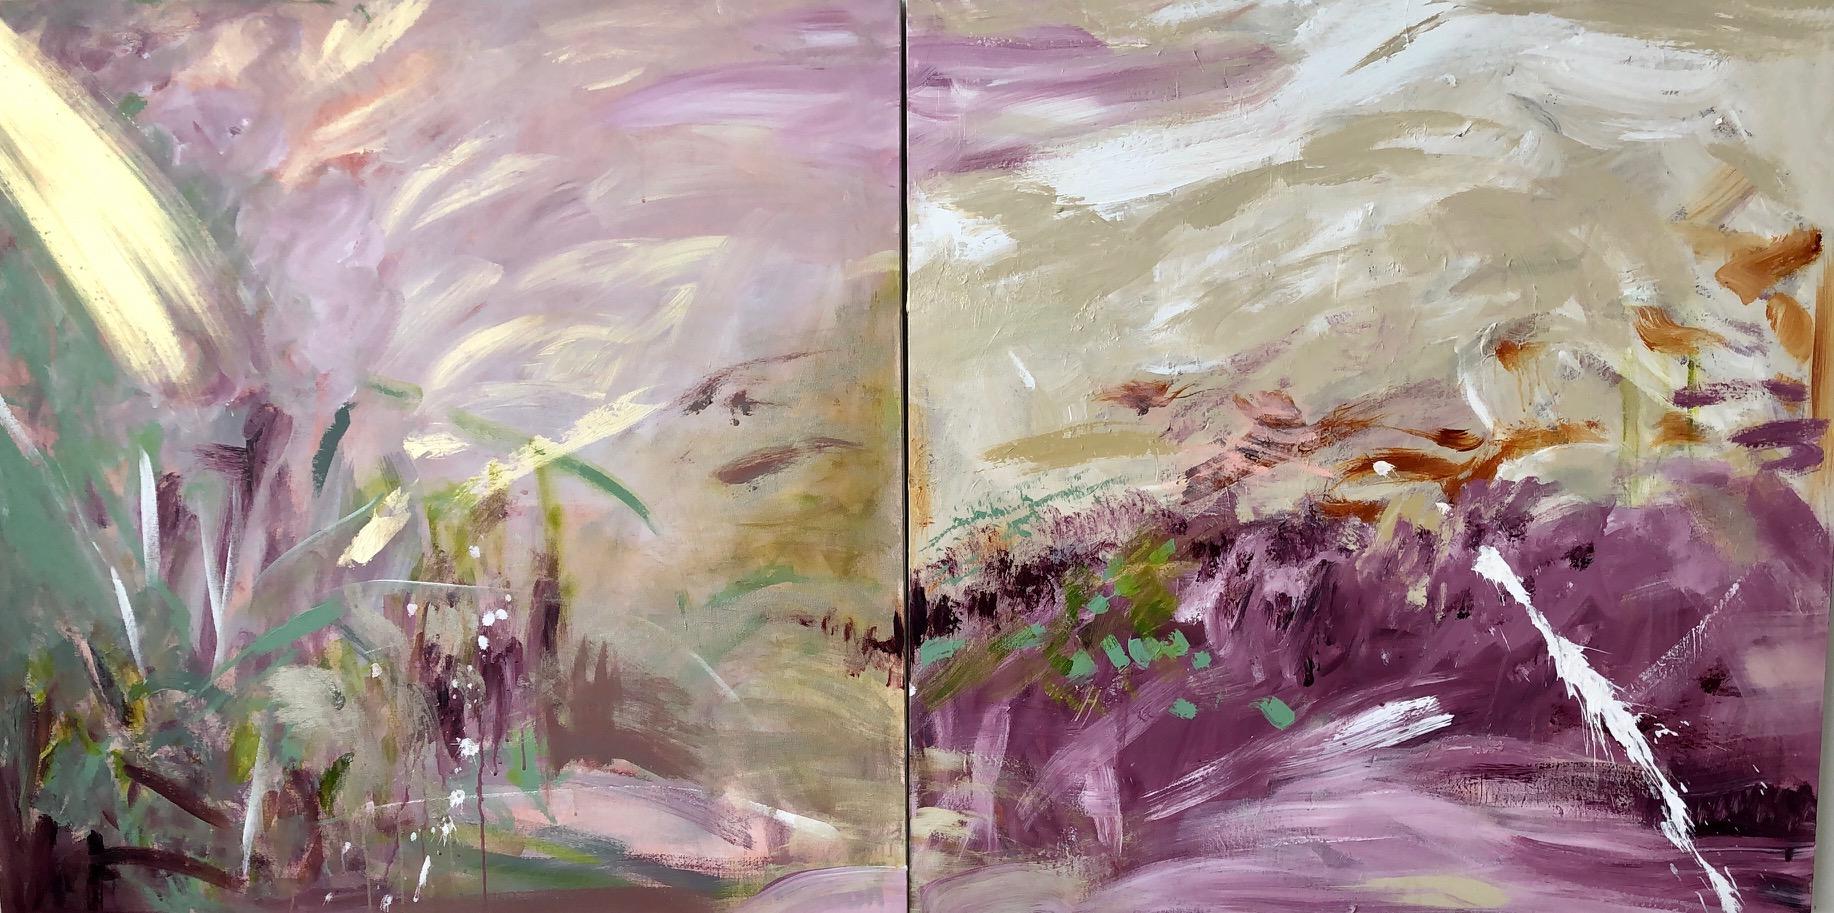 Paintings by Danièle Rochon